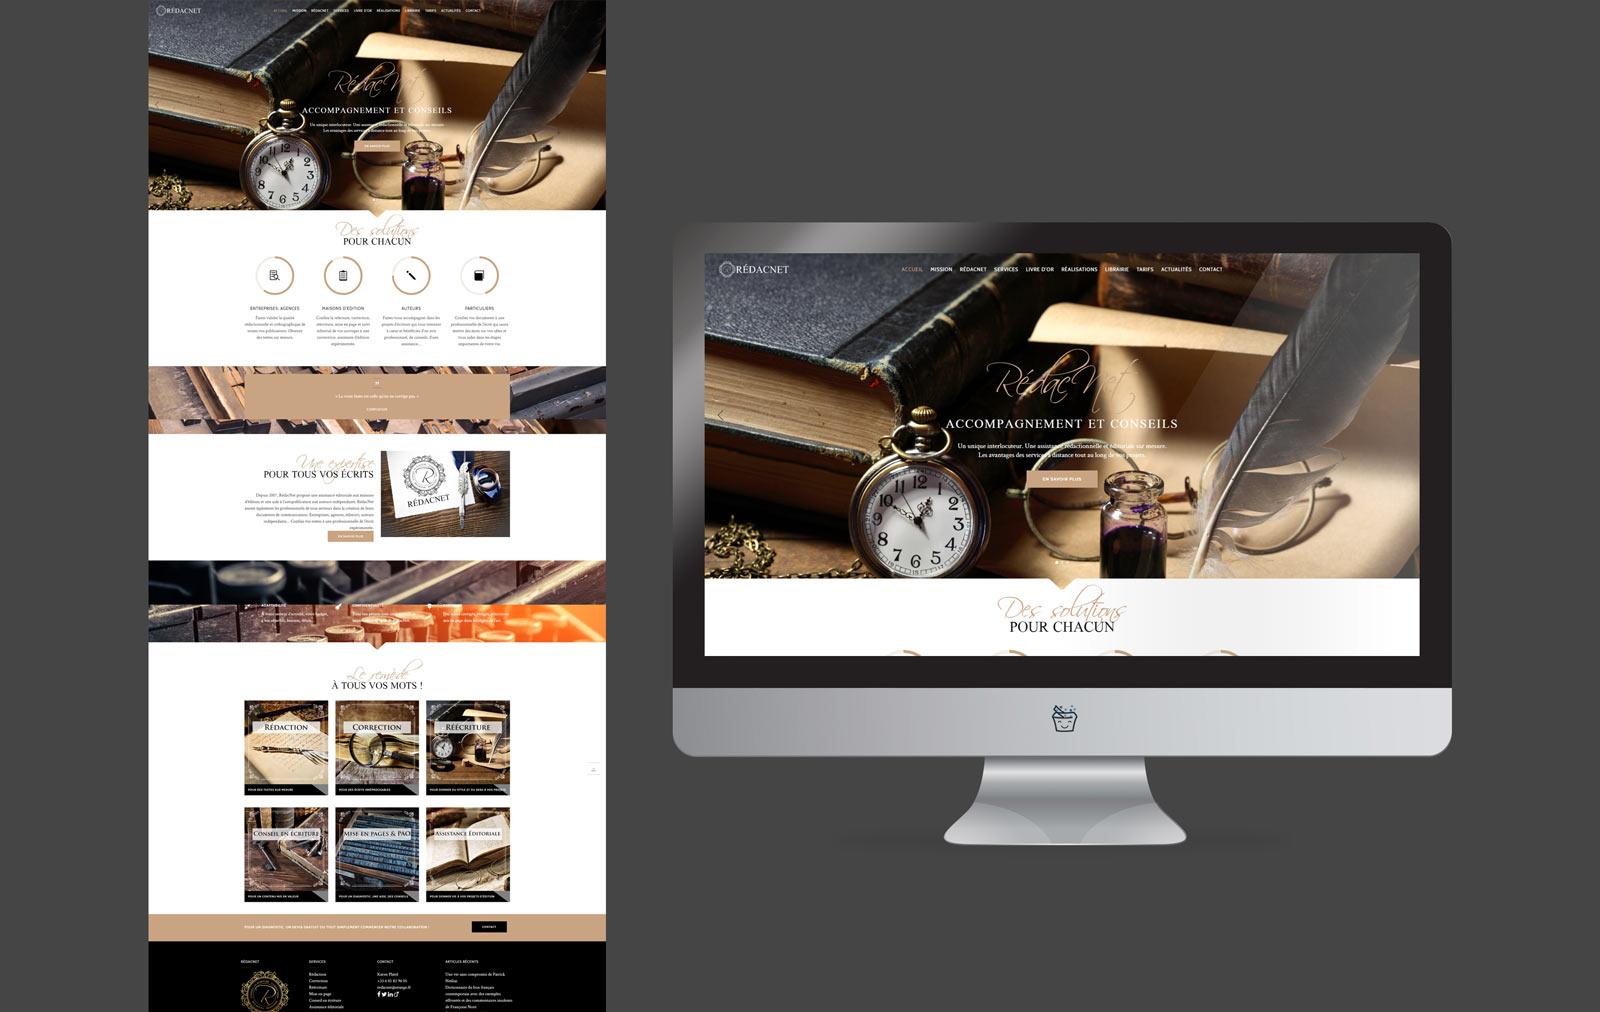 création site indépendant écriture redacnet